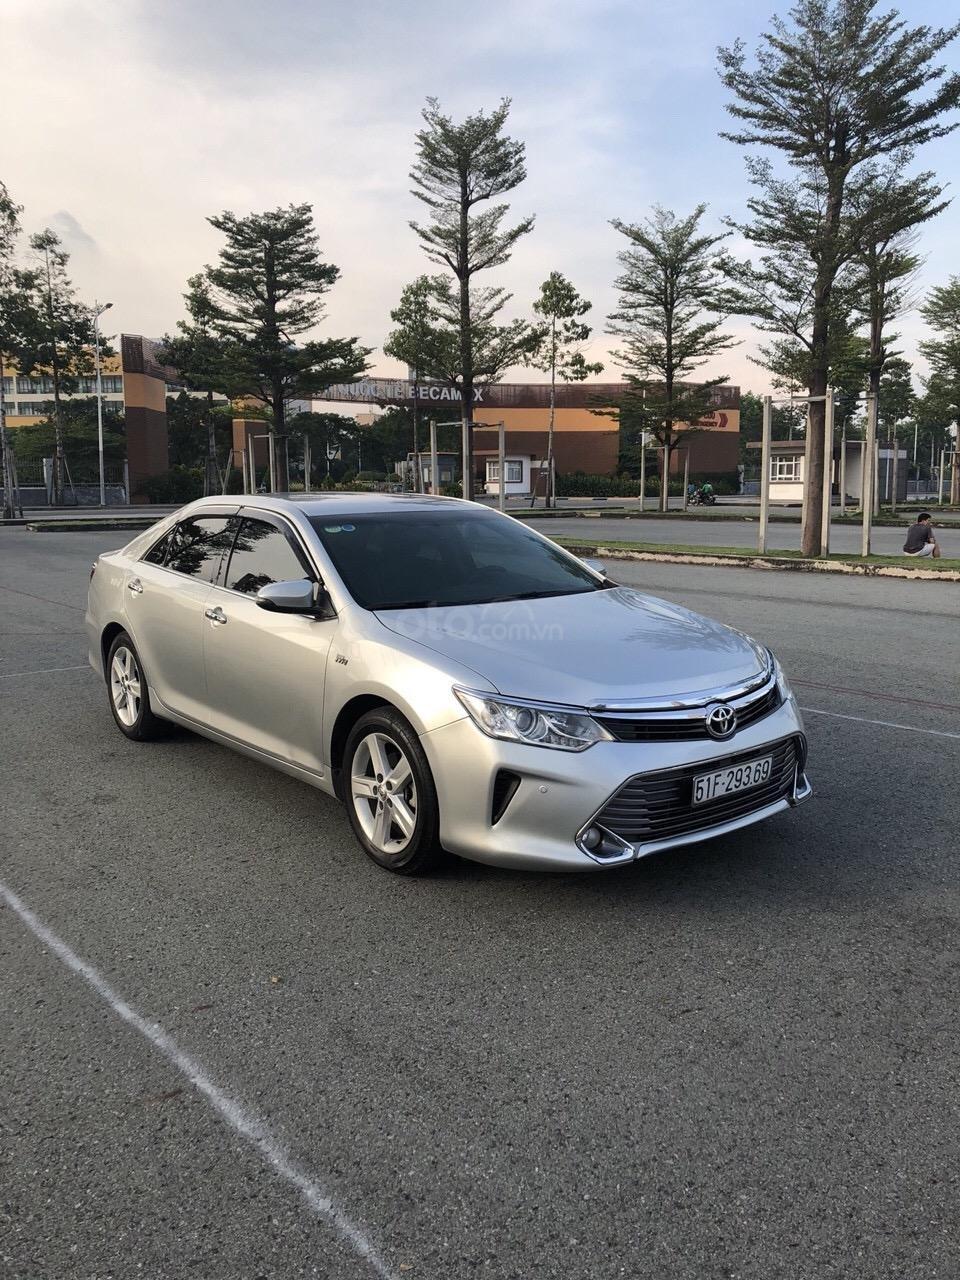 Bán Toyota Camry 2015 2.5Q, giá 856tr gặp chính chủ (5)